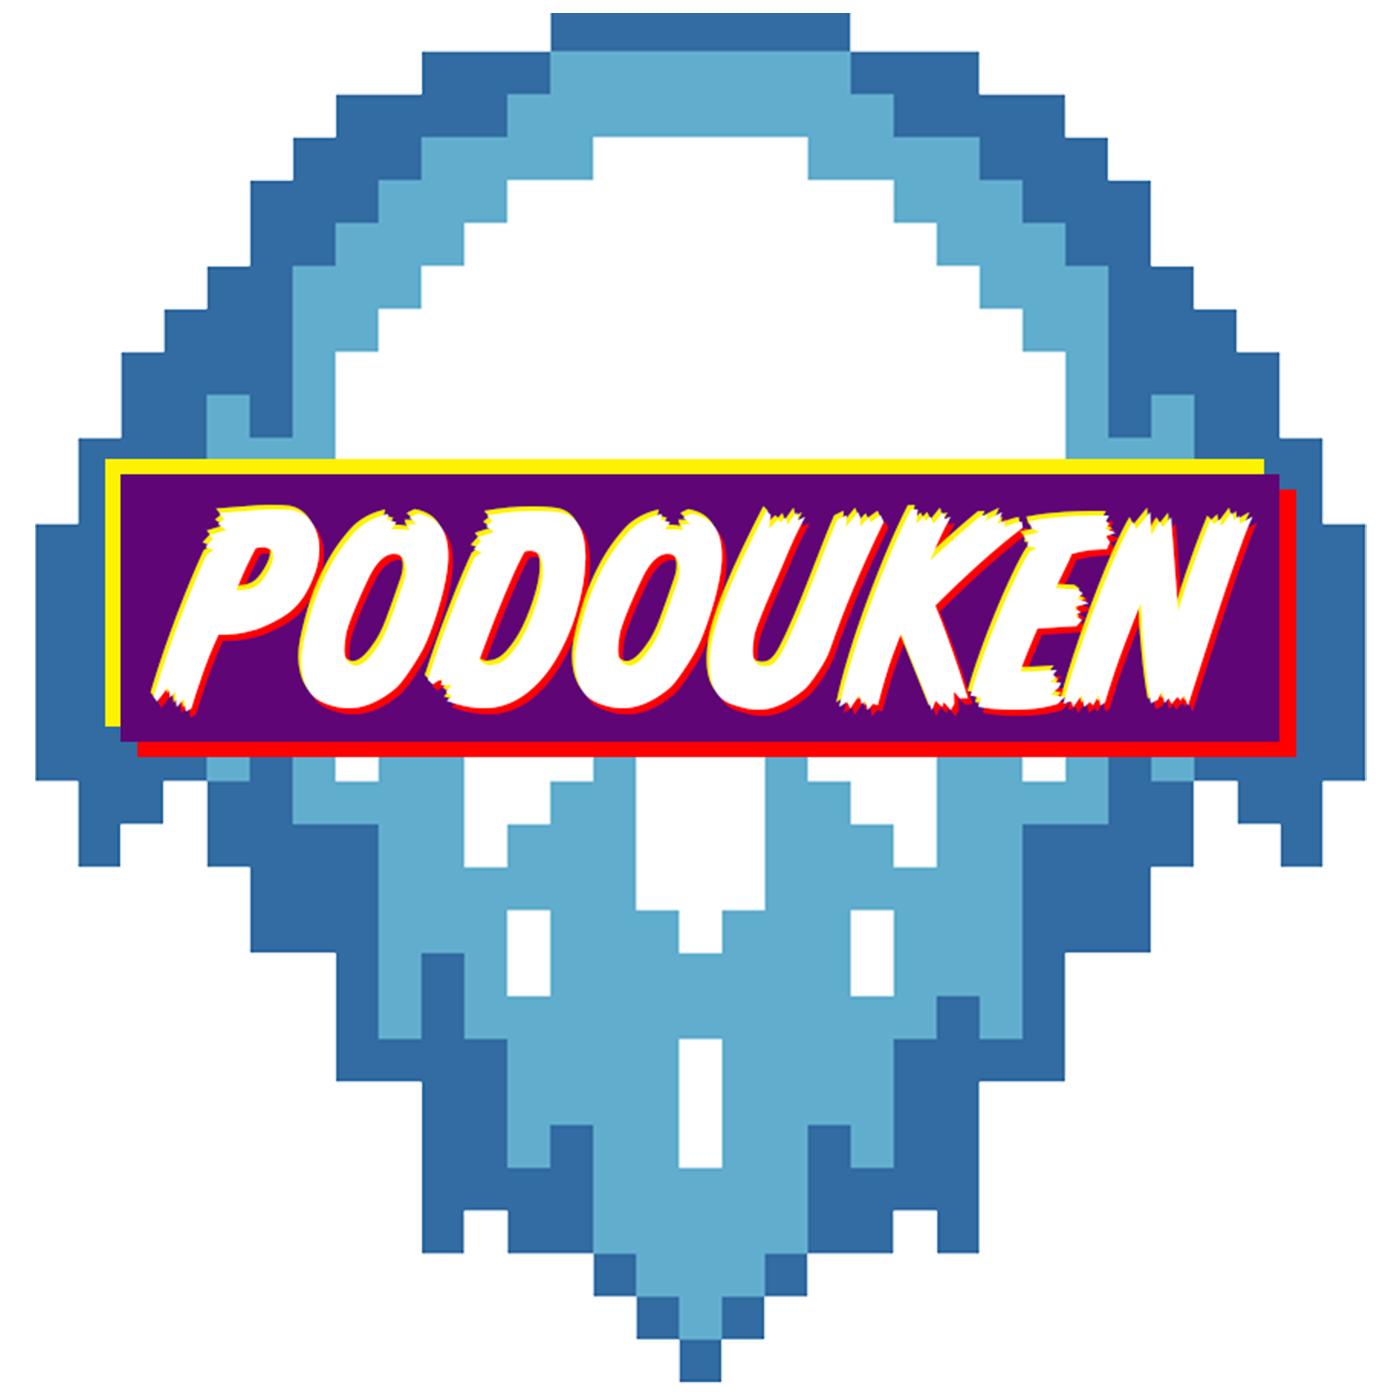 Podouken show art